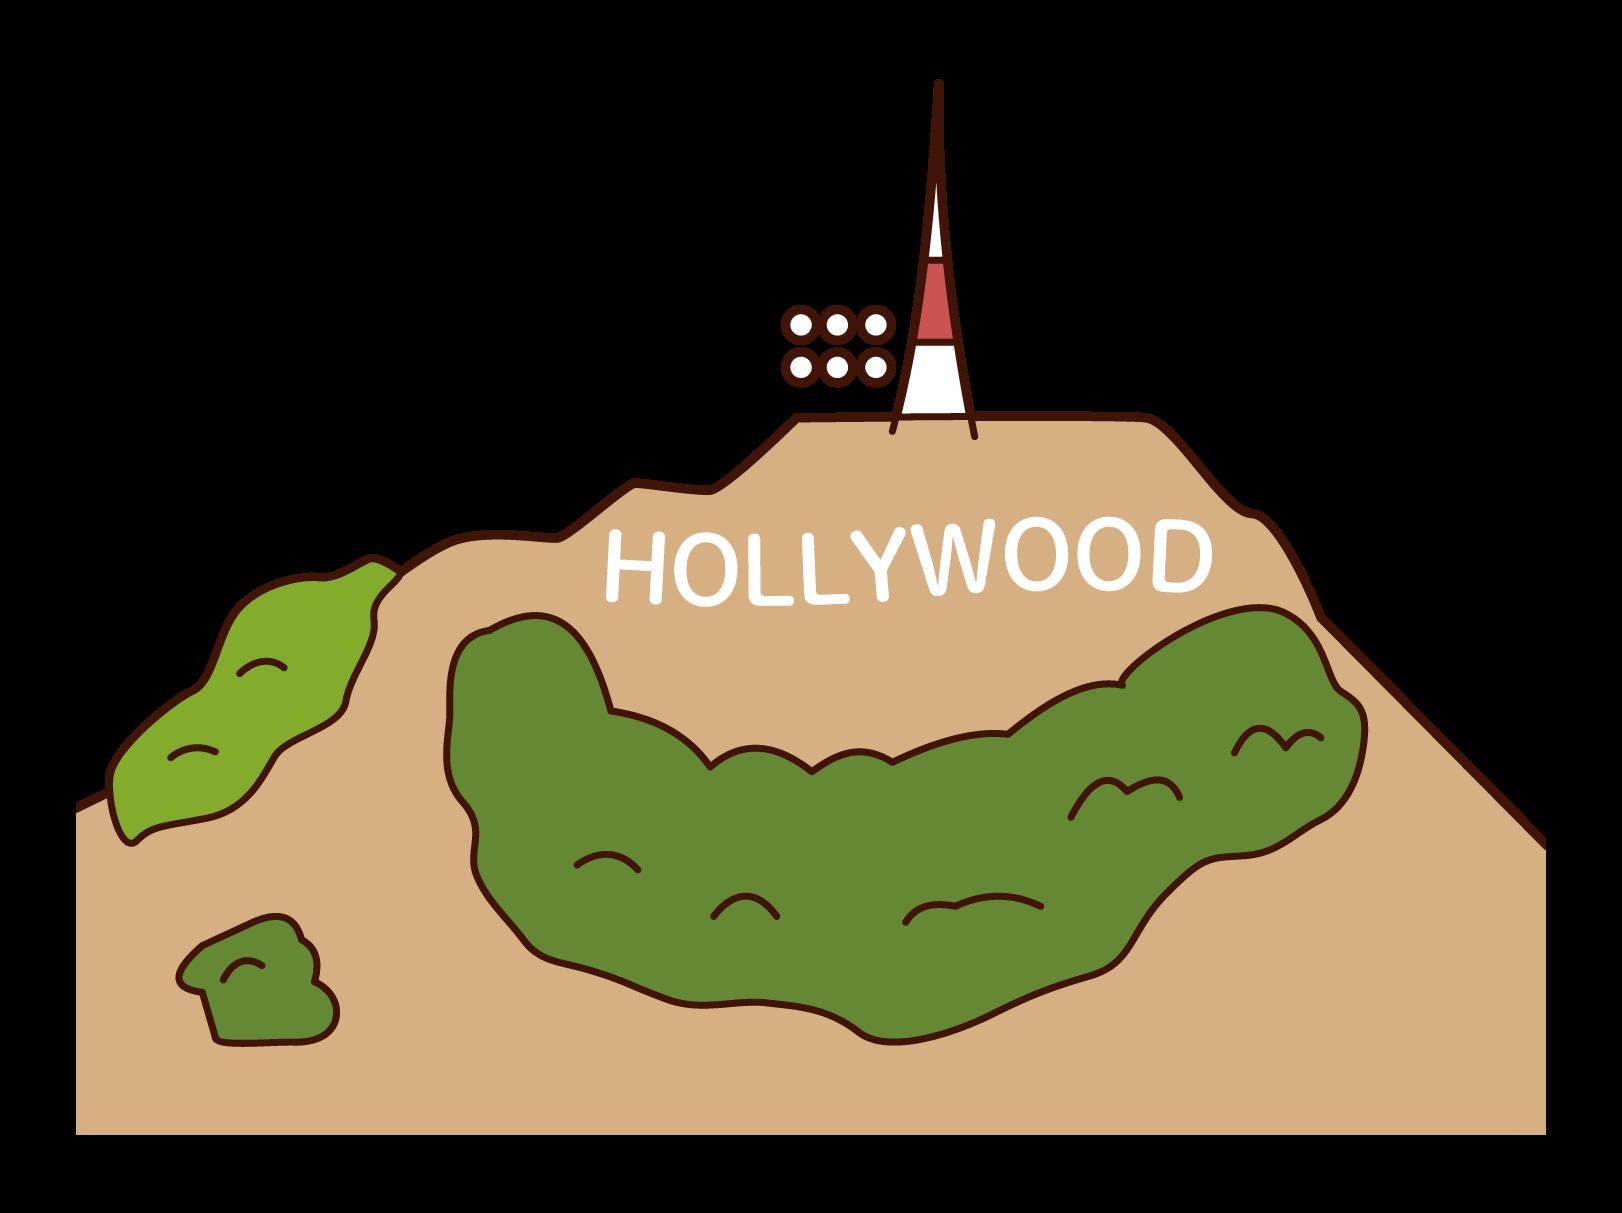 ハリウッドのイラスト